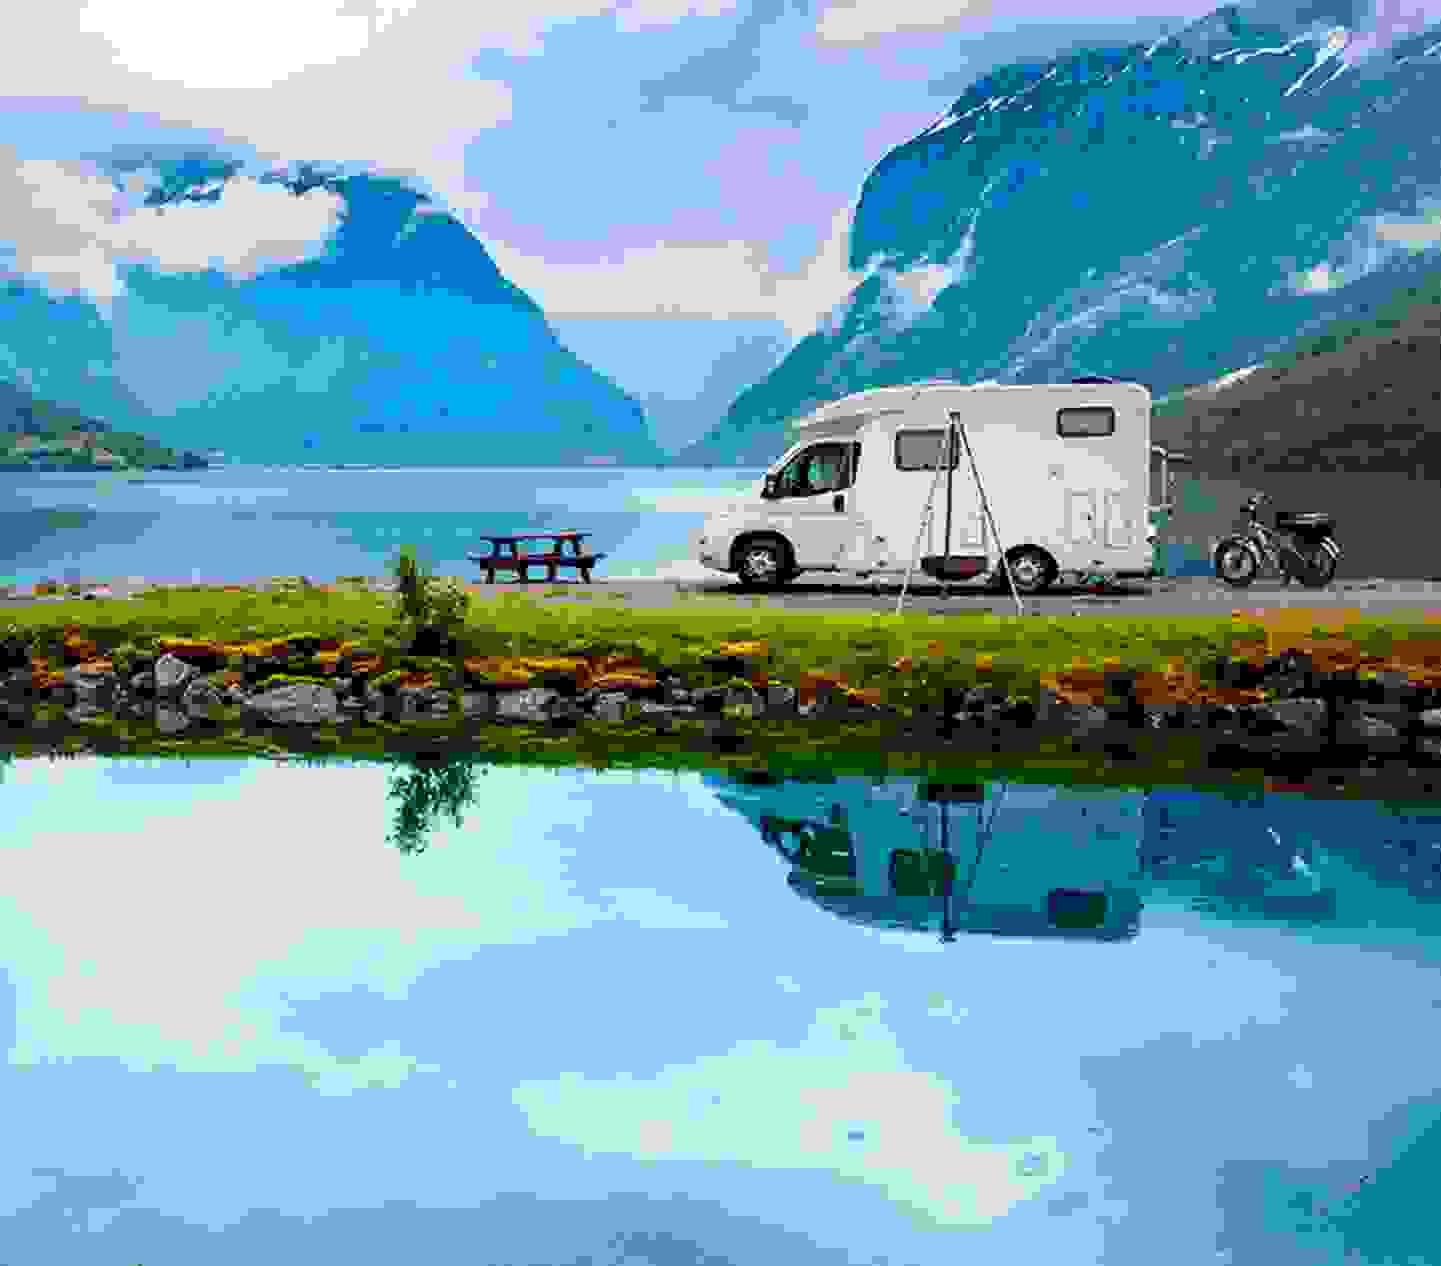 Rückfahrkamera - Das zweit wichtigste Element im Caravan